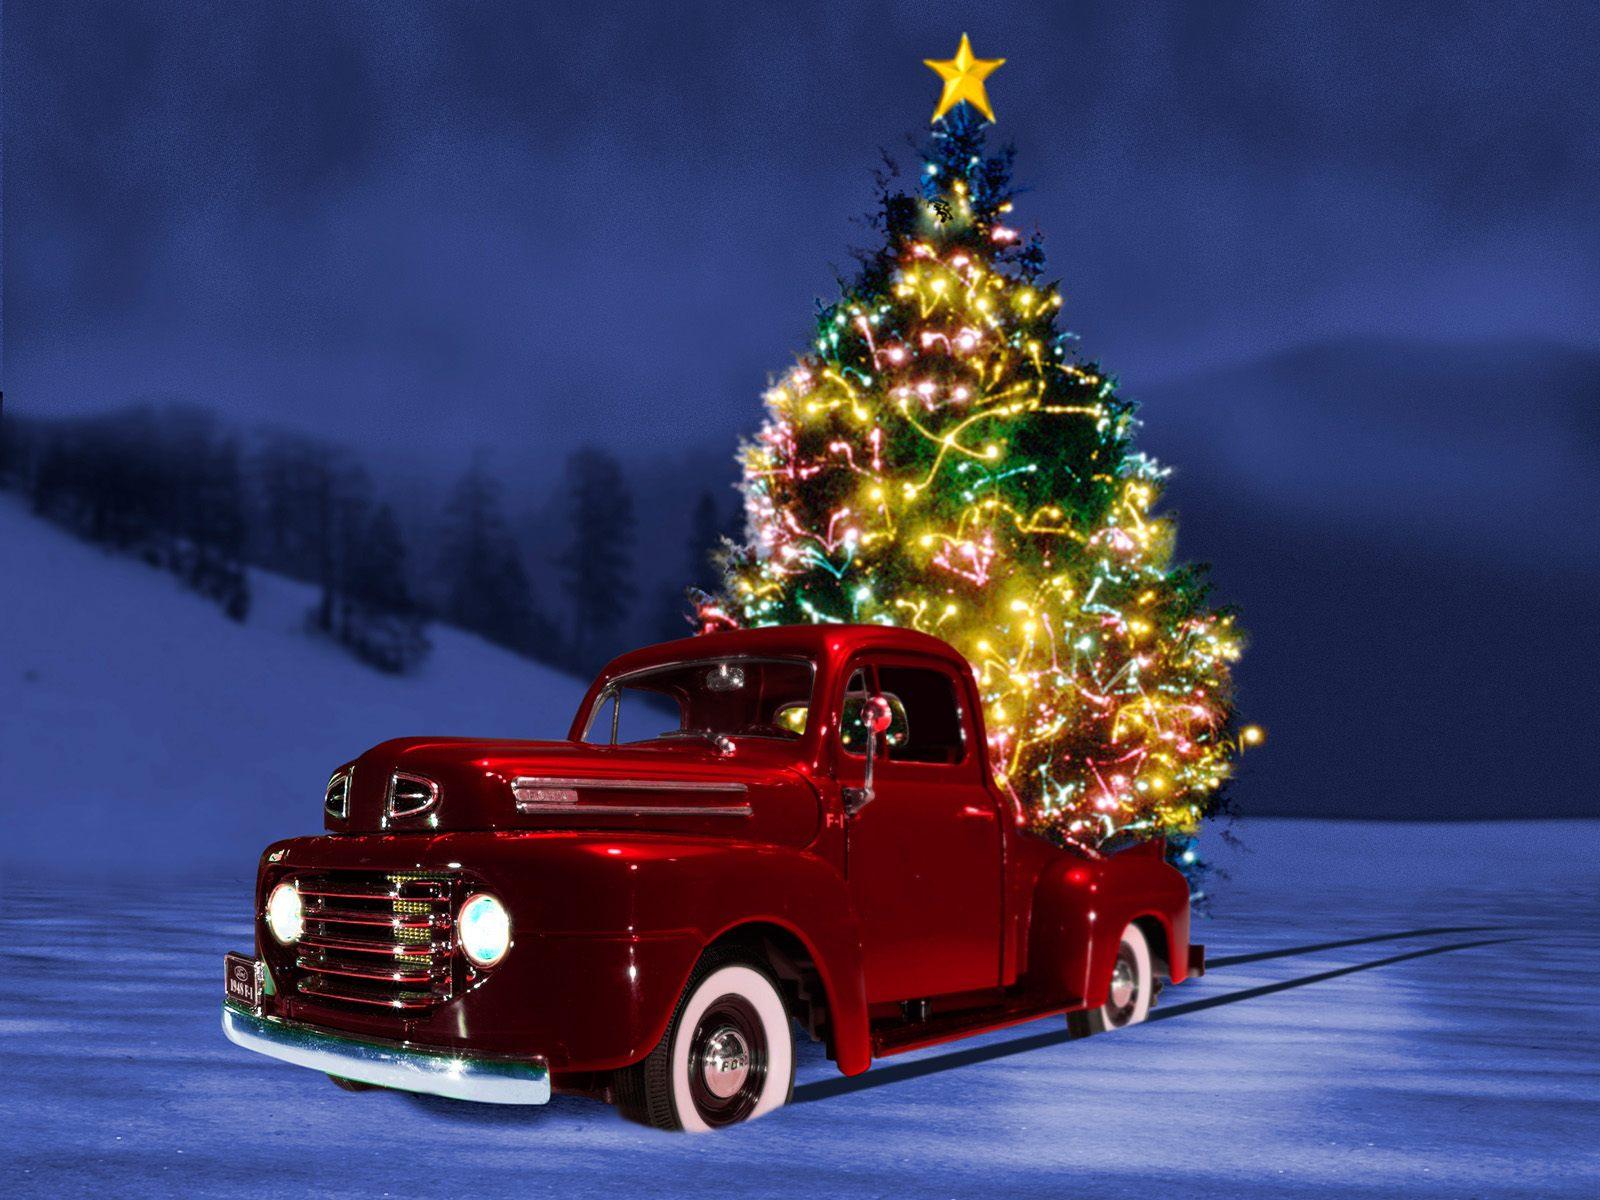 Christmas On The Go